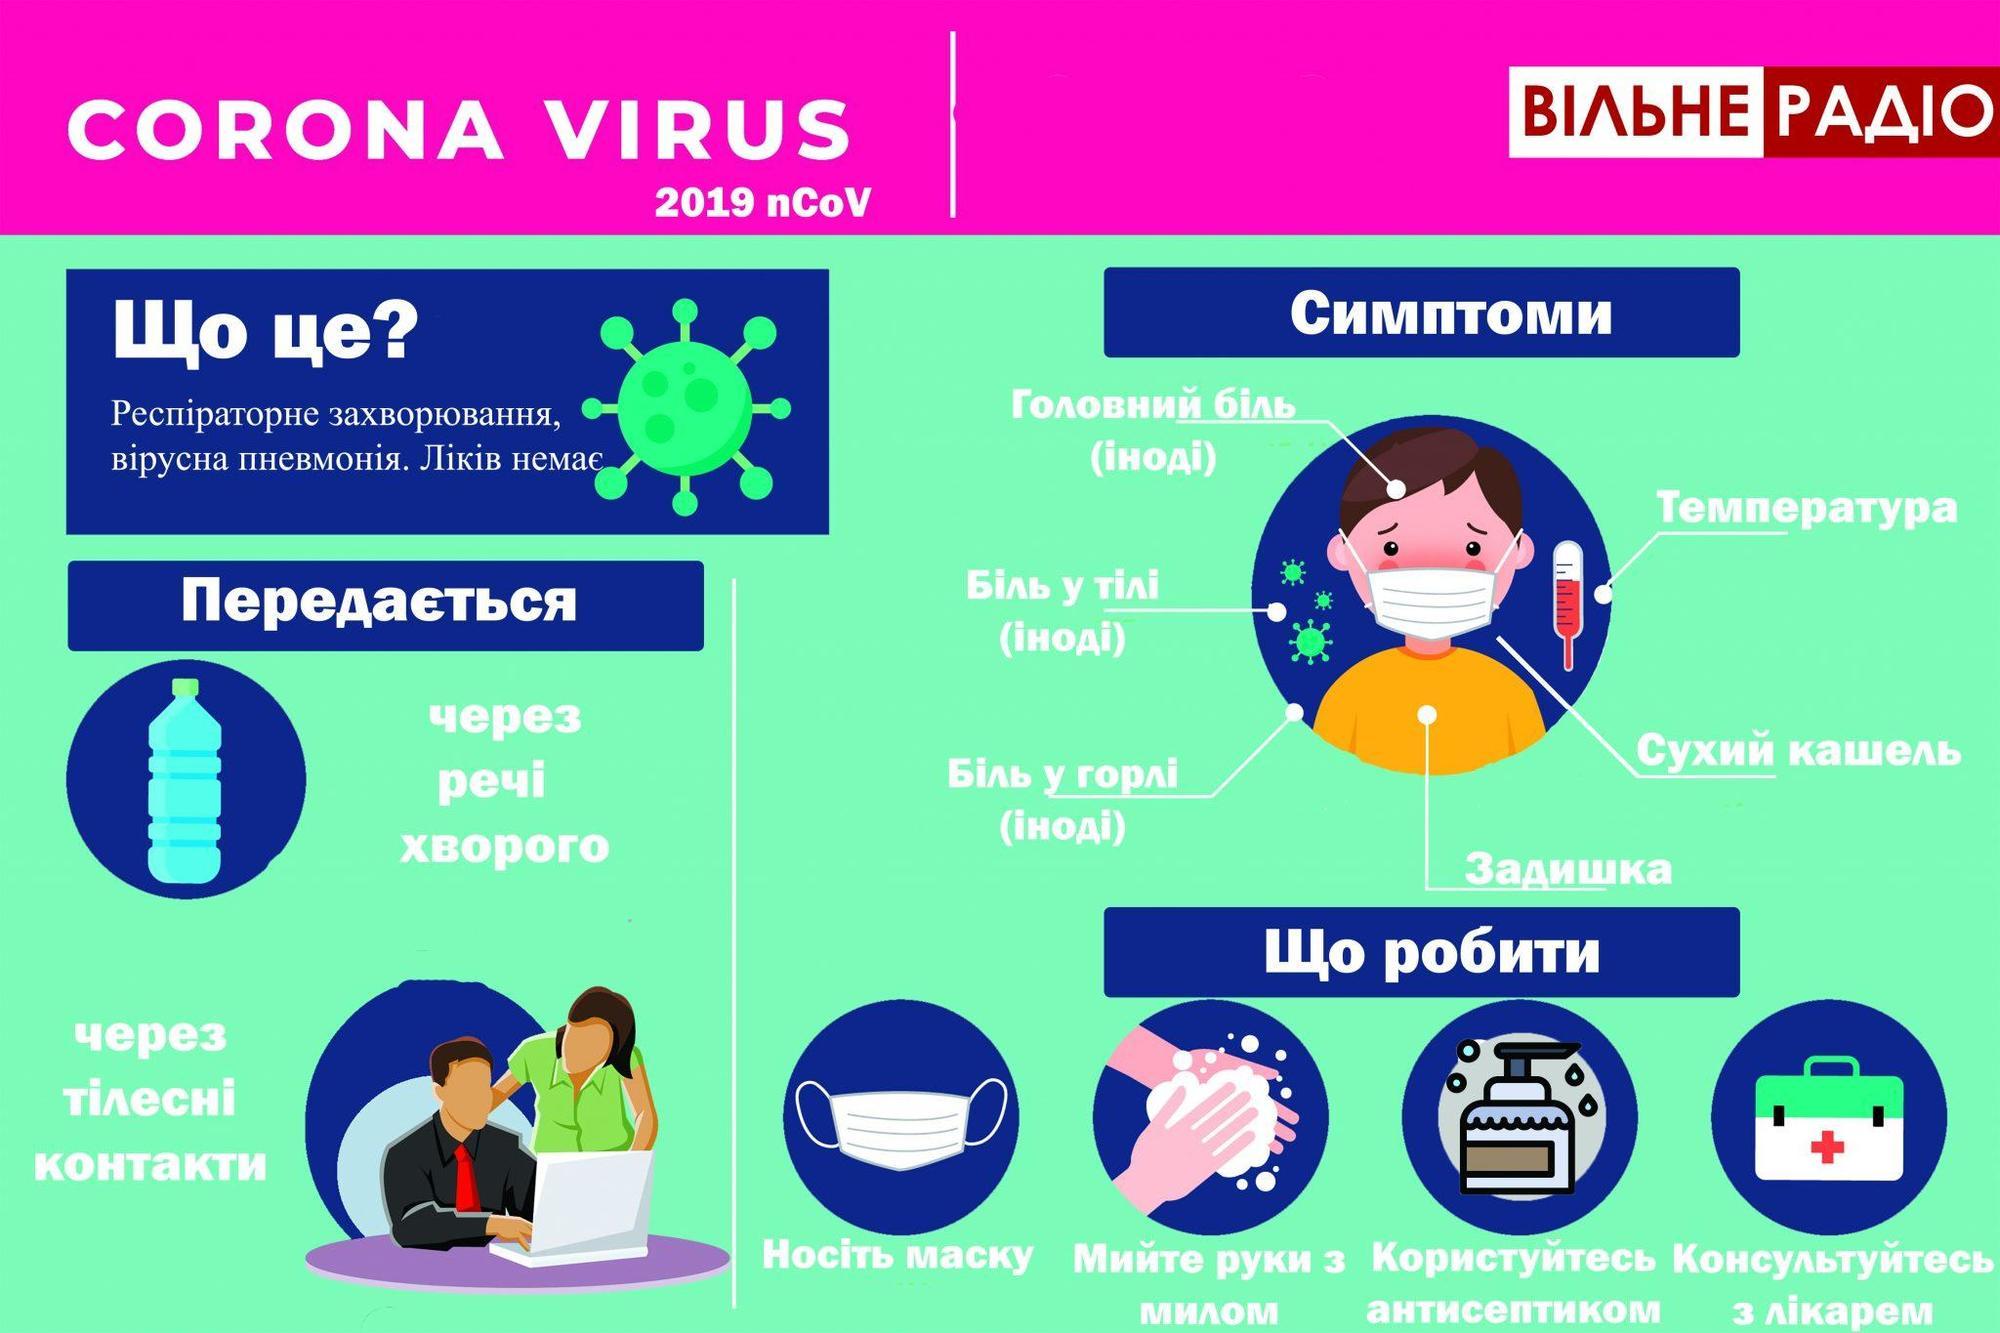 Коронавірус передається повітряно-крапельним шляхом від людини до людини та може викликати тяжку форму пневмонії